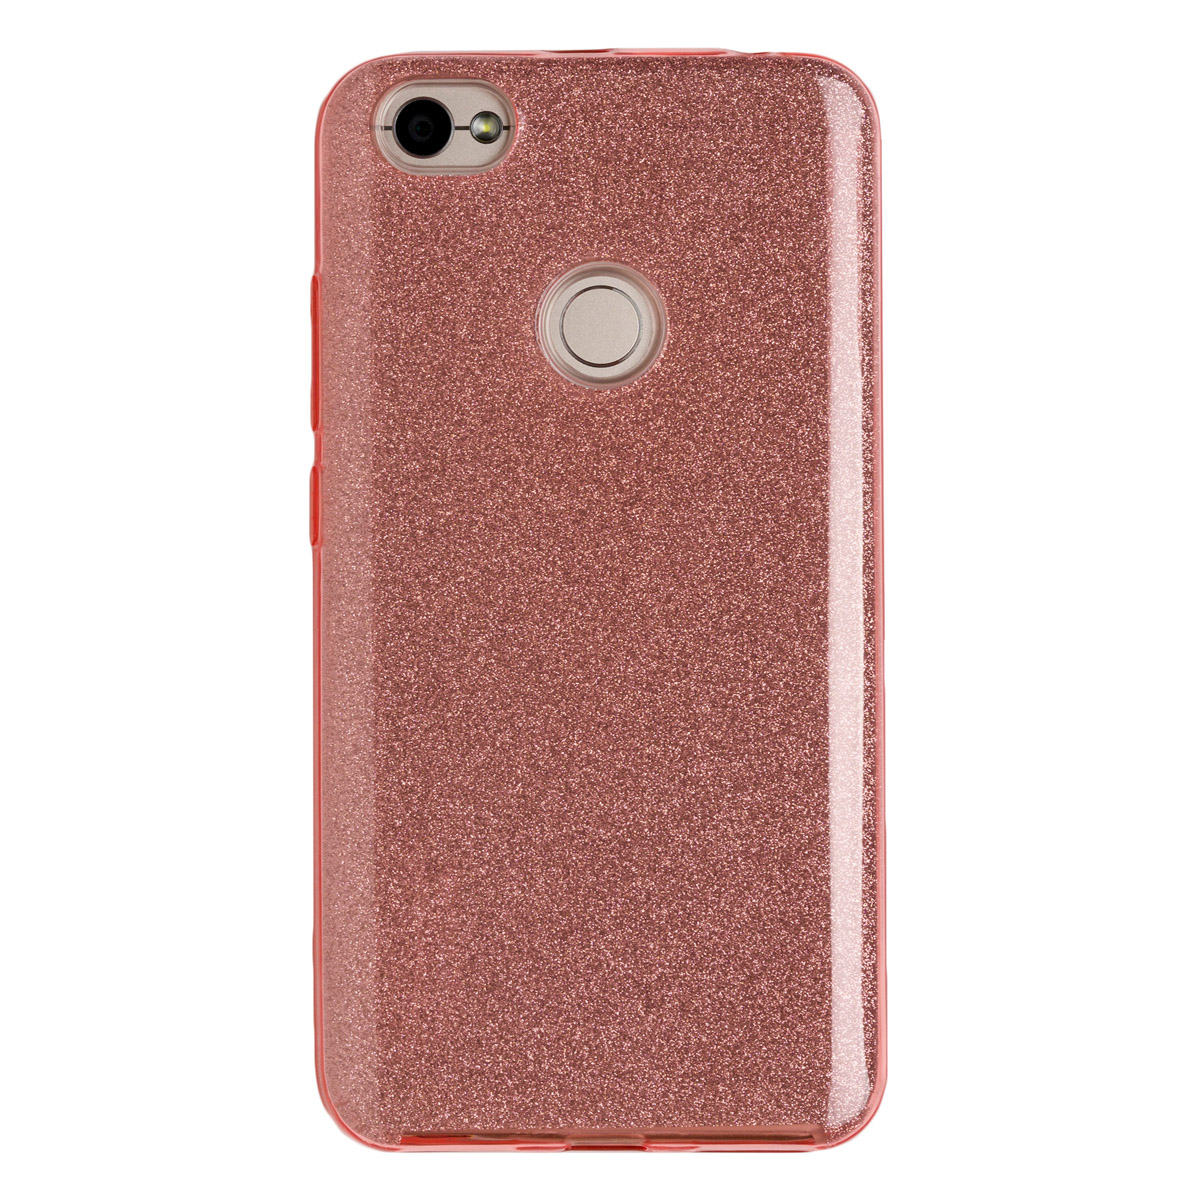 Купить Силиконовый чехол для Redmi Note 5As Experts Diamond (Розовый)